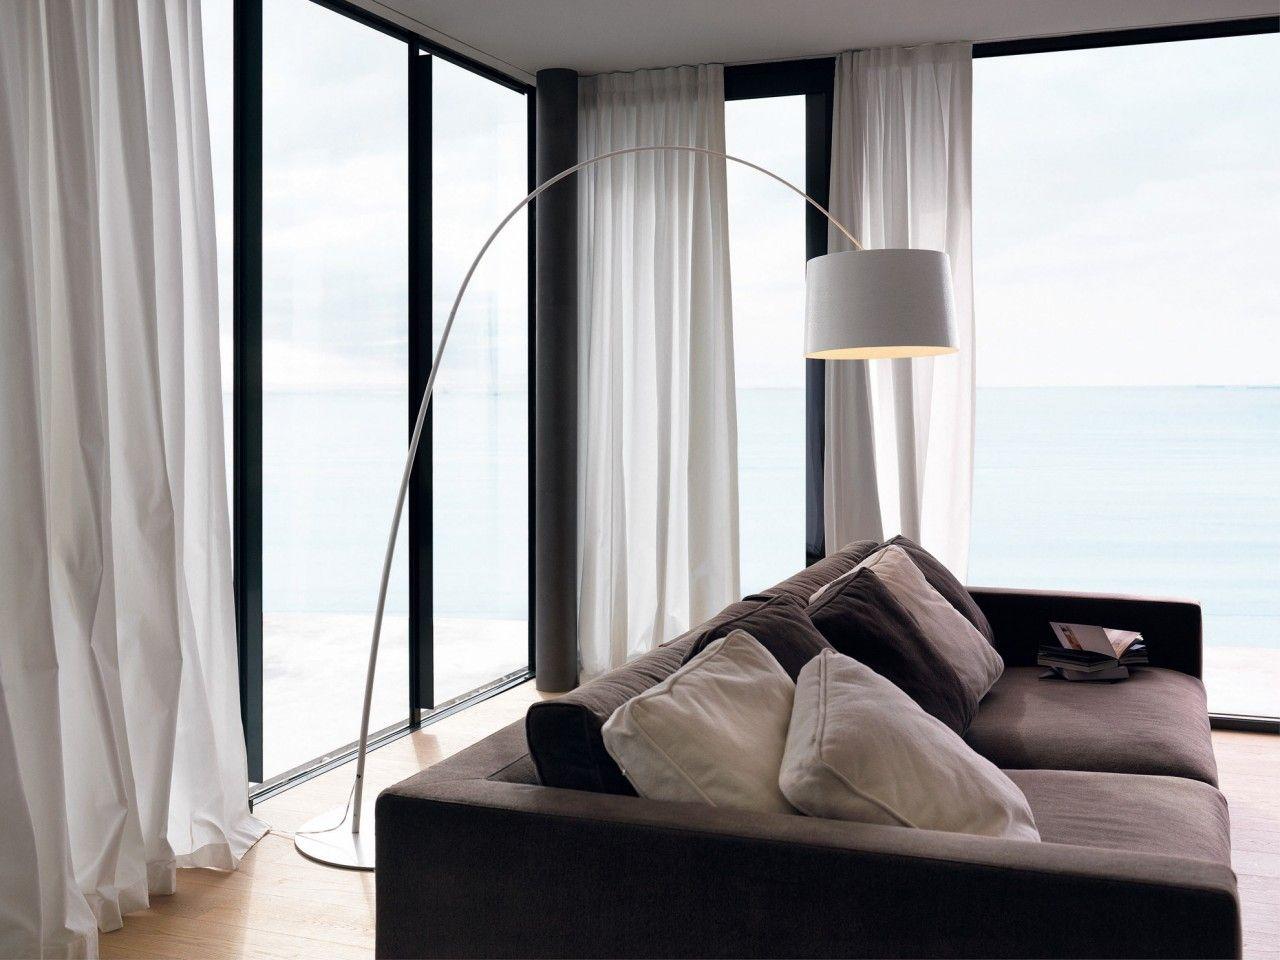 Lampade da terra ad arco | Casa al mare | Pinterest